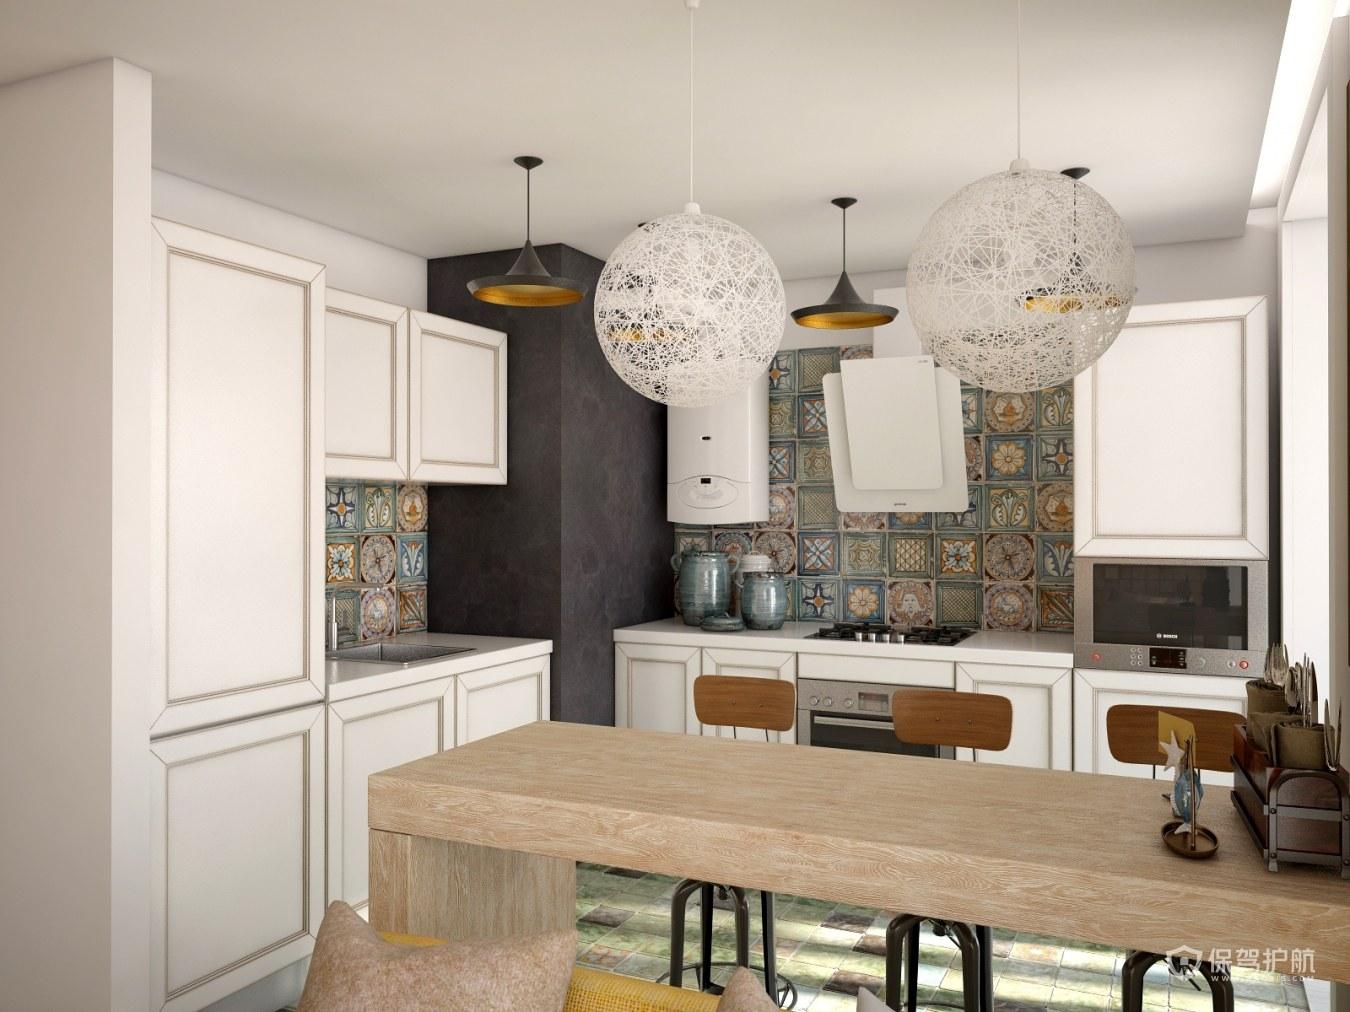 美式风二居室厨房装修效果图